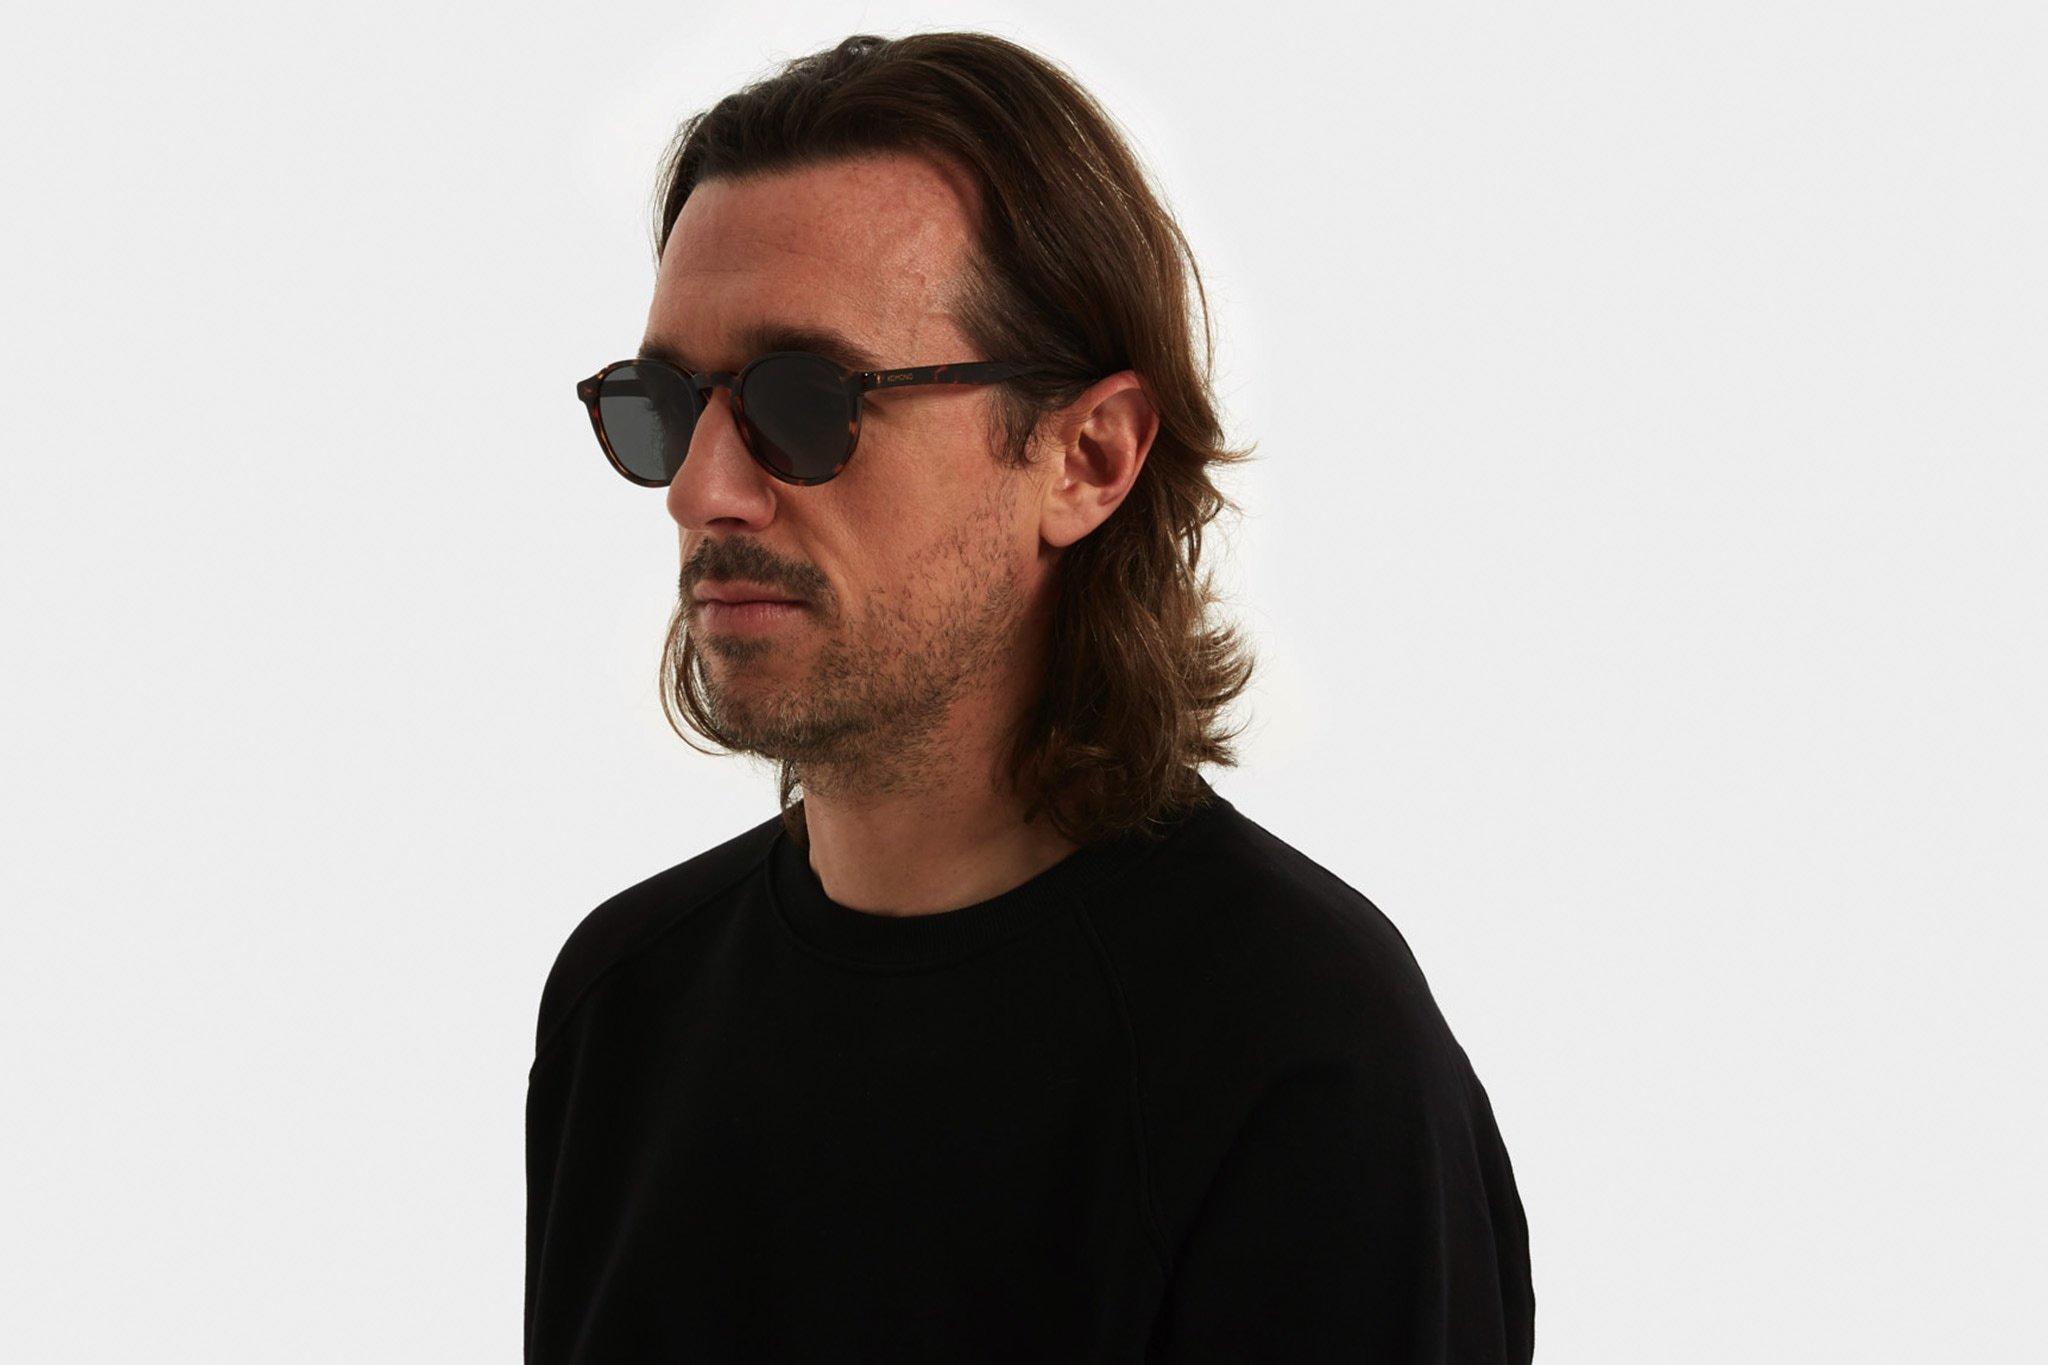 Κοκάλινα unisex γυαλιά ηλίου Liam σε καφέ ταρταρούγα και επίπεδους πράσινους φακούς της εταιρίας Komonoγια όλα τα πρόσωπα.